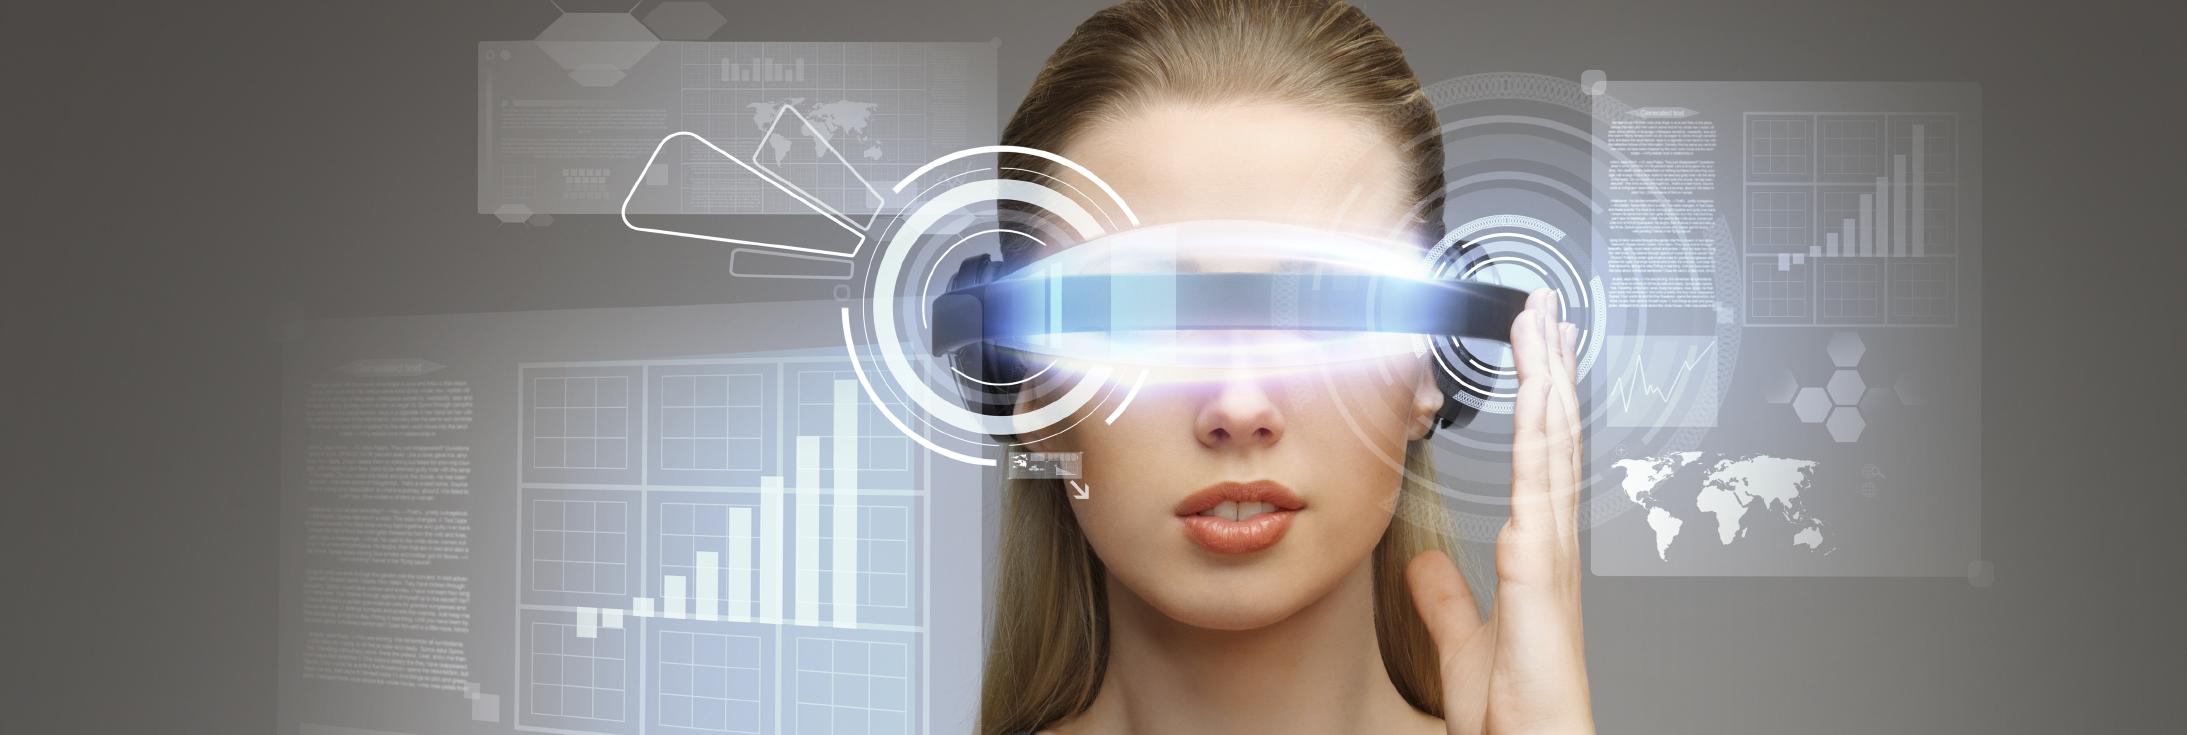 es_internet-future